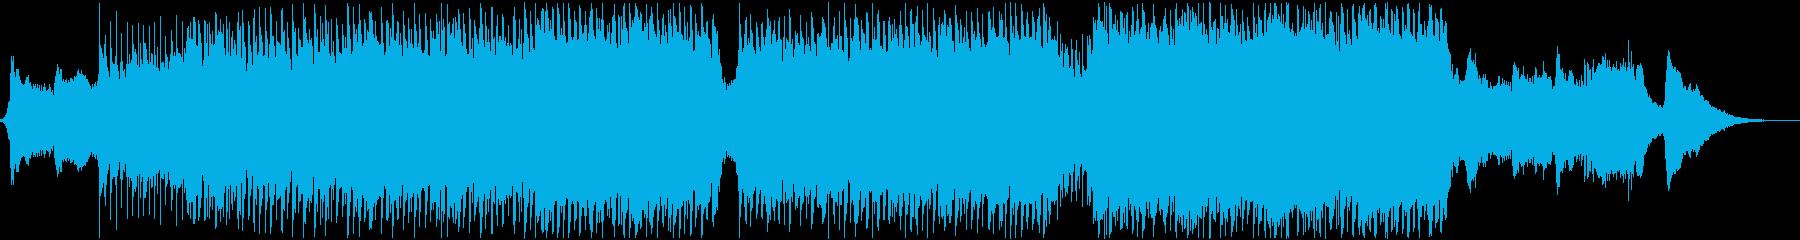 企業VP・映像・ポジティブ爽やかポップ1の再生済みの波形